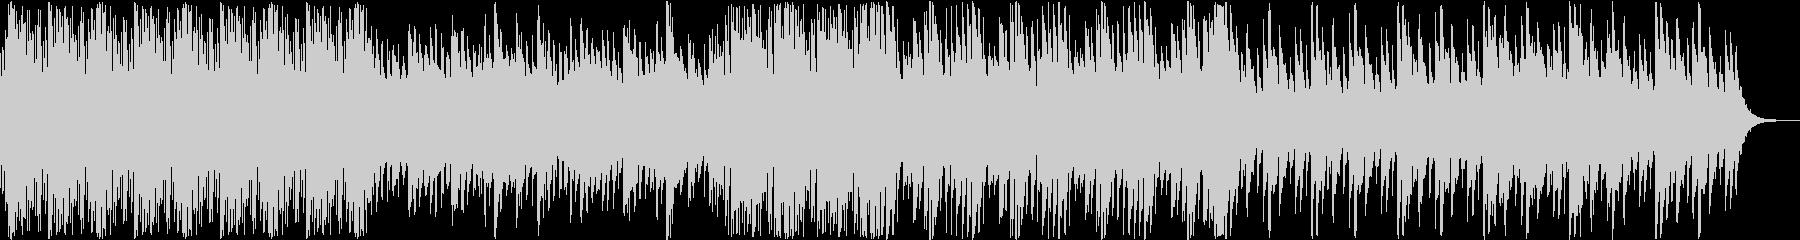 和風のゆったりとした琴と笛(ver2)の未再生の波形